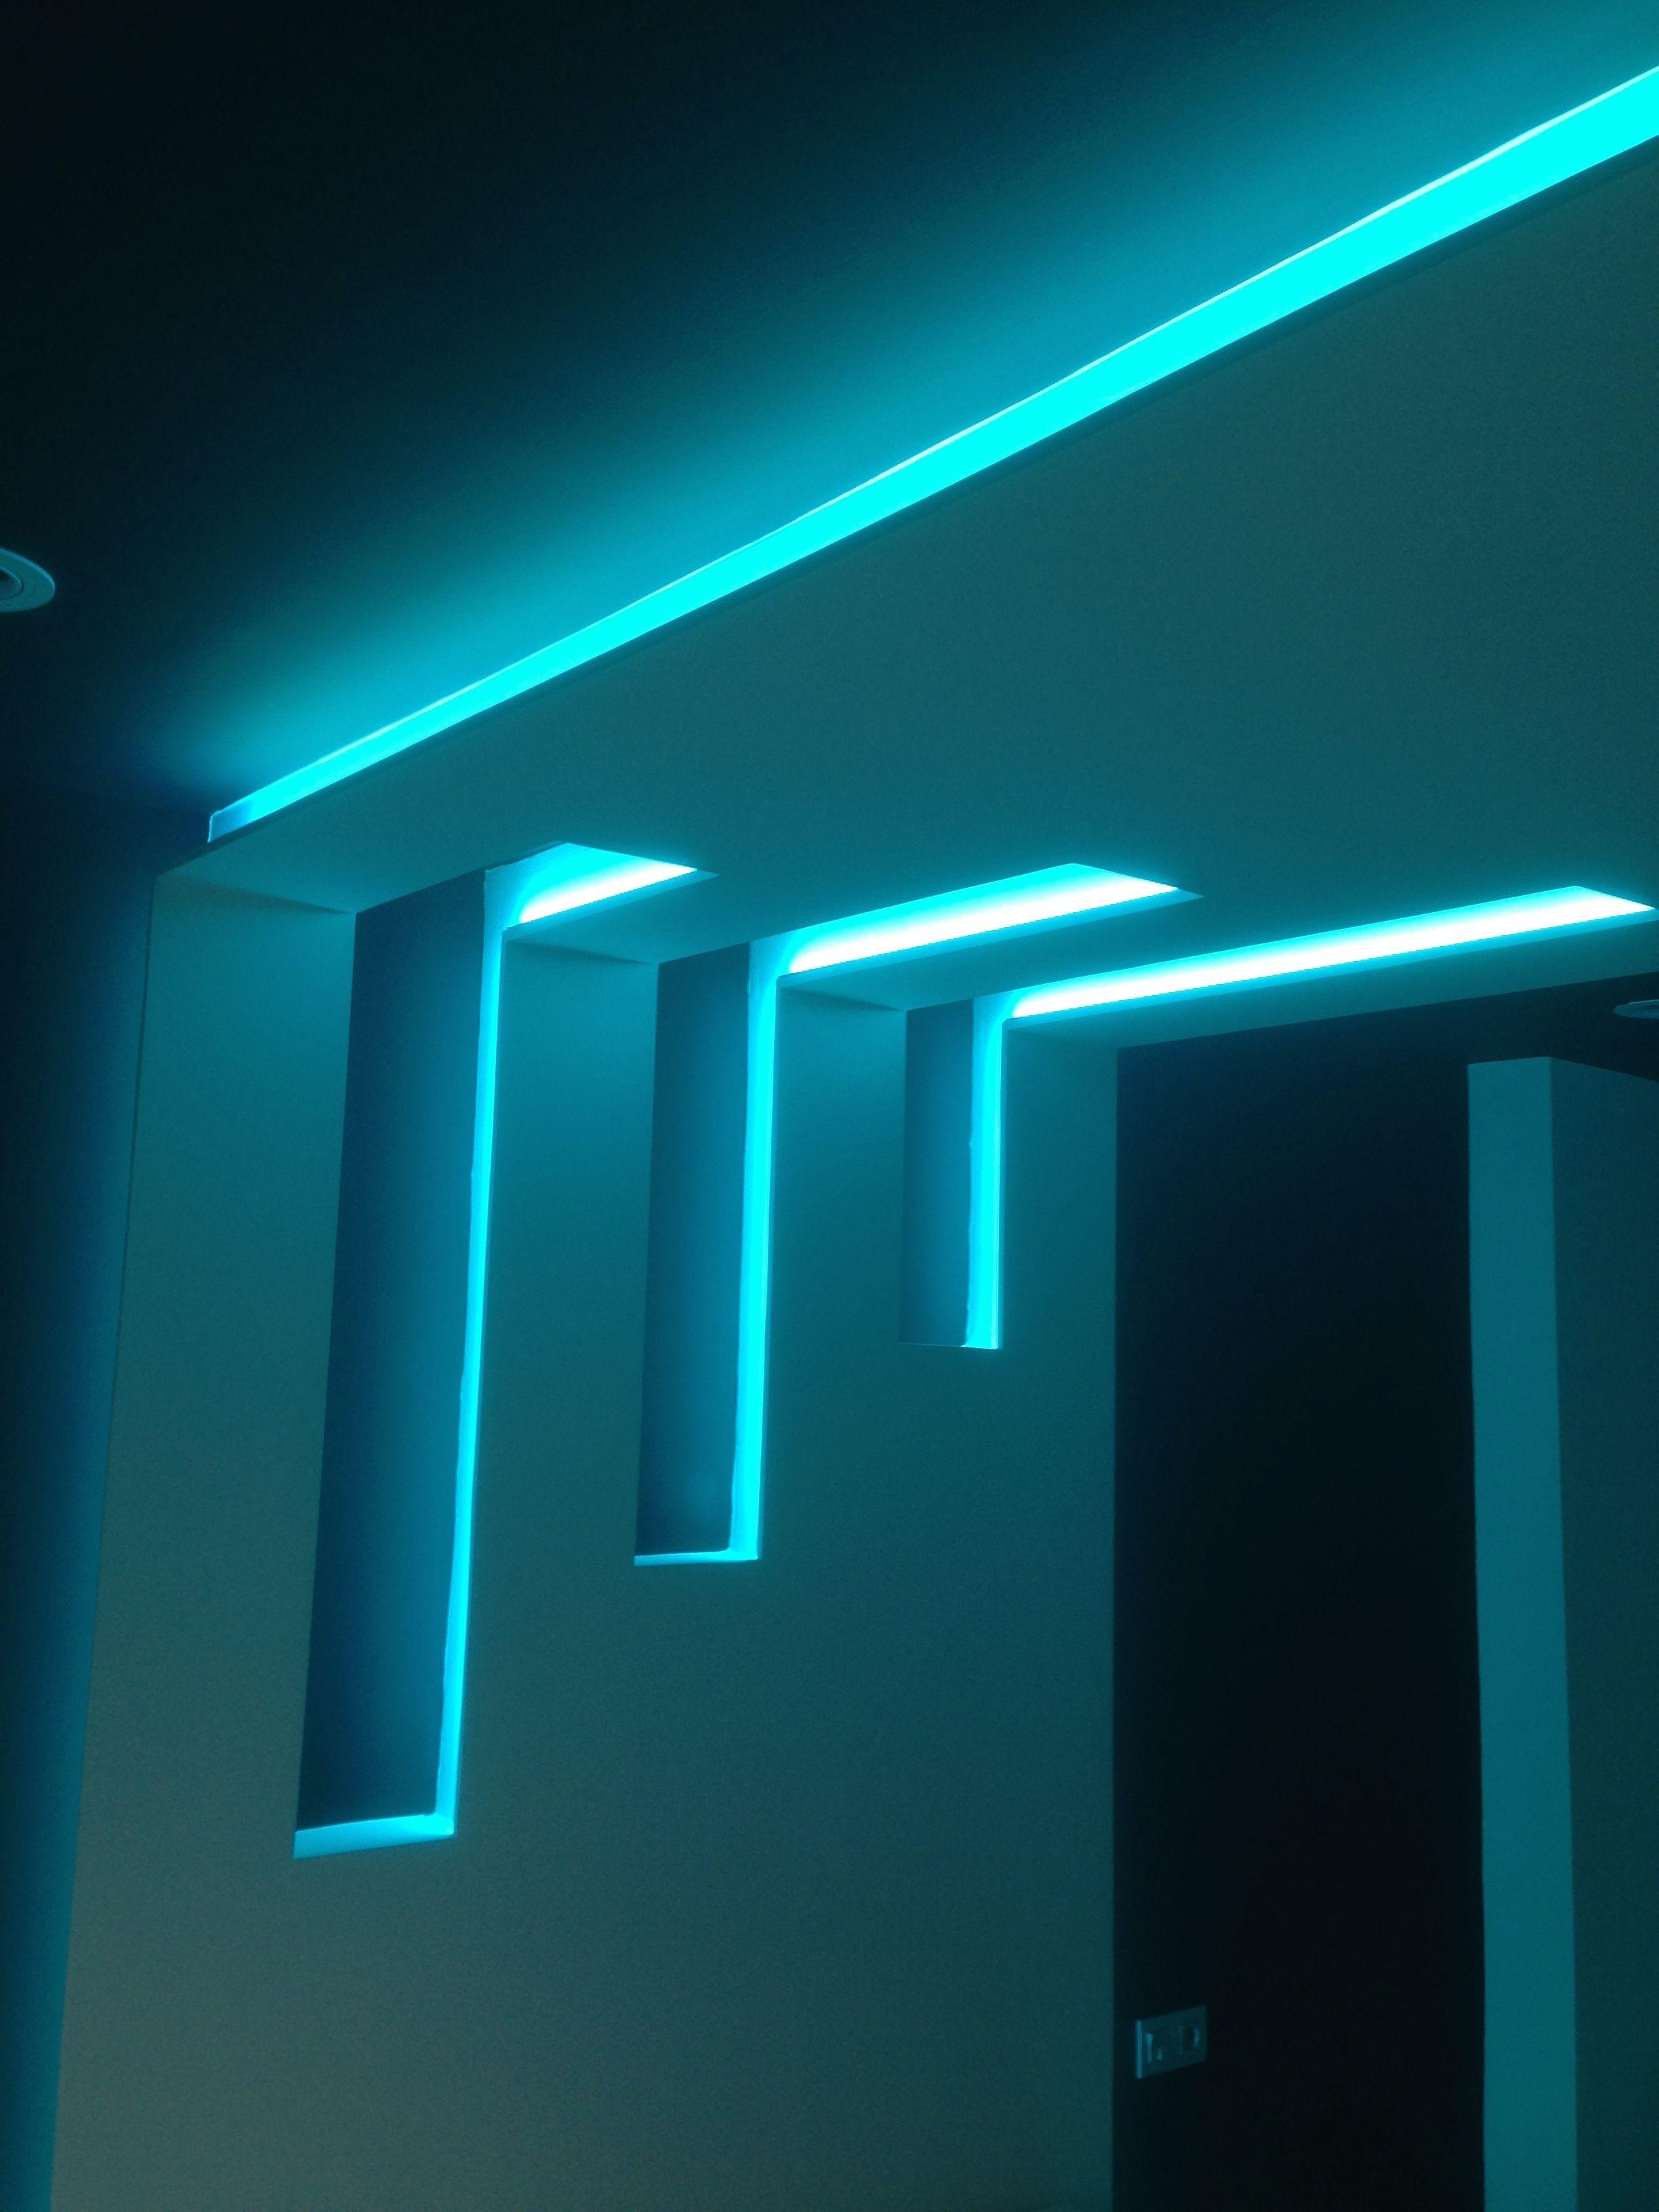 Foseado de pared y techo iluminado con tiras de leds rgb - Imagenes iluminacion led ...